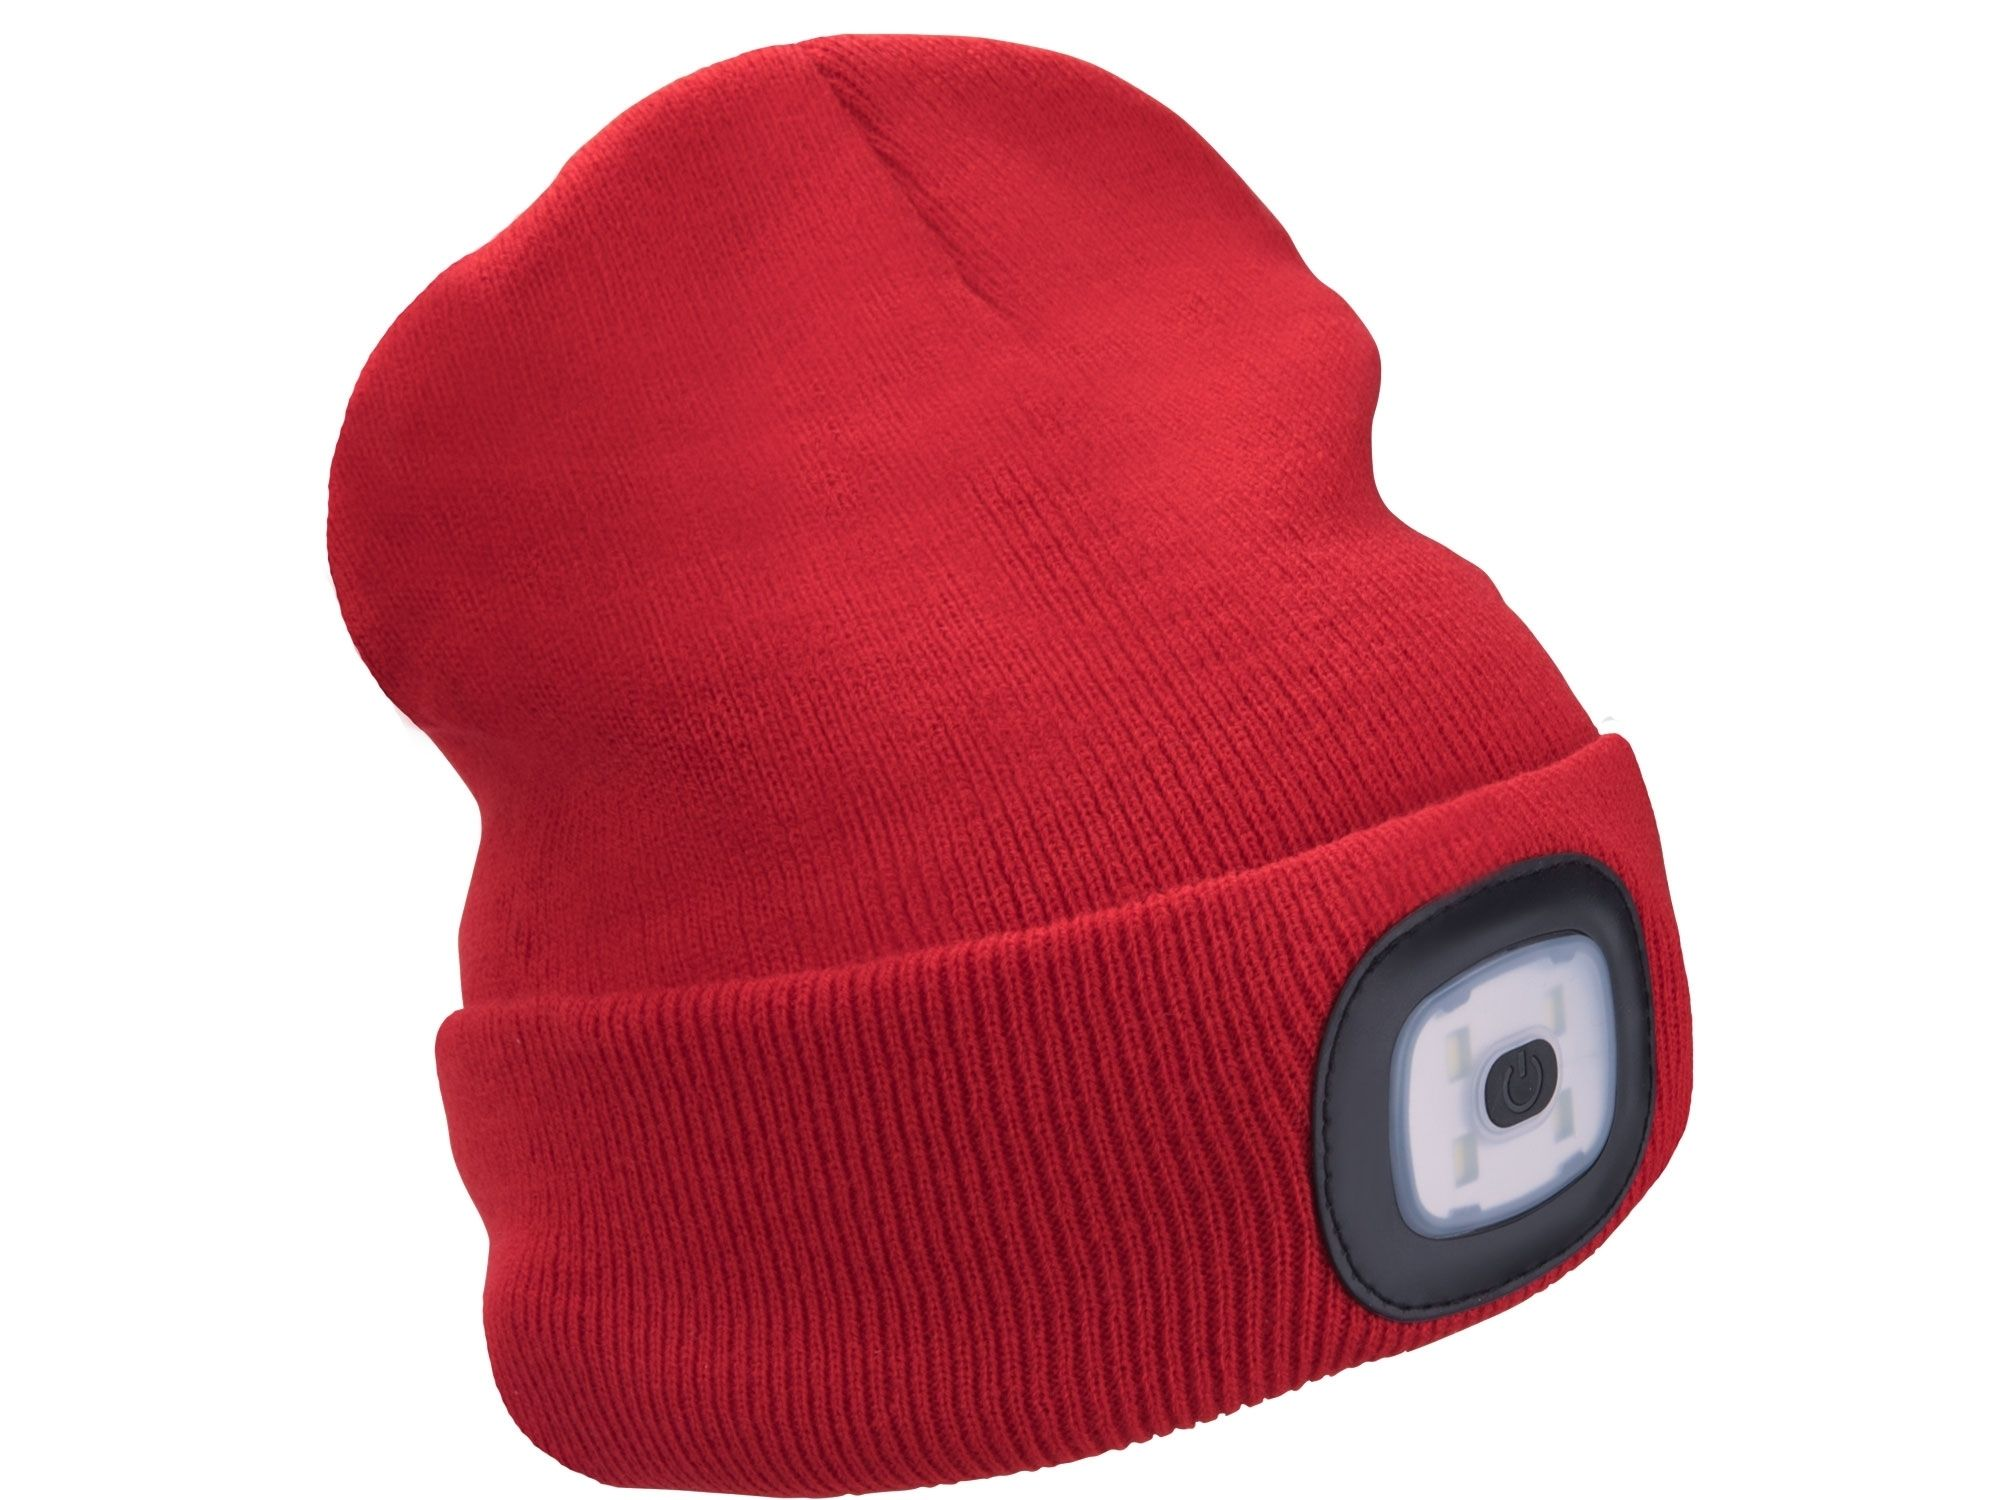 Čepice s čelovkou 4x45lm, USB nabíjení, červená, univerzální velikost EXTOL-LIGHT